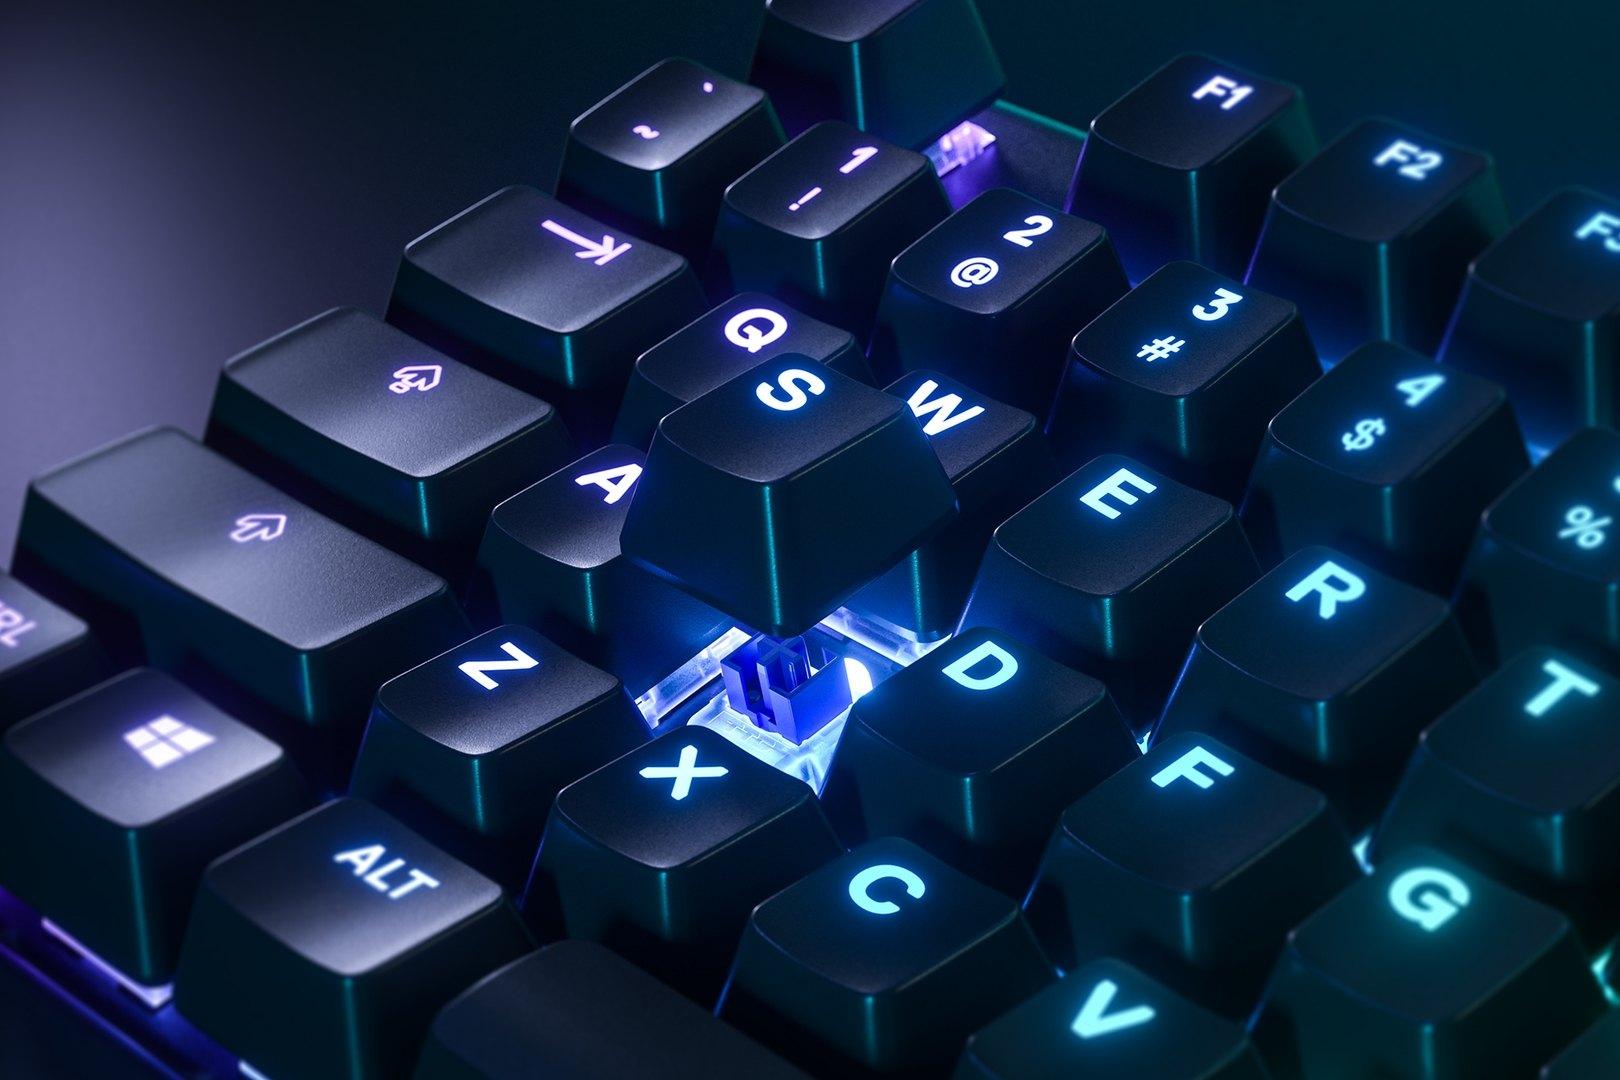 Bàn phím cơ SteelSeries APEX 5 RGB Hybrid switch Mechanical Gaming Black sử dụng switch Hybrid cho cảm giác gõ tốt